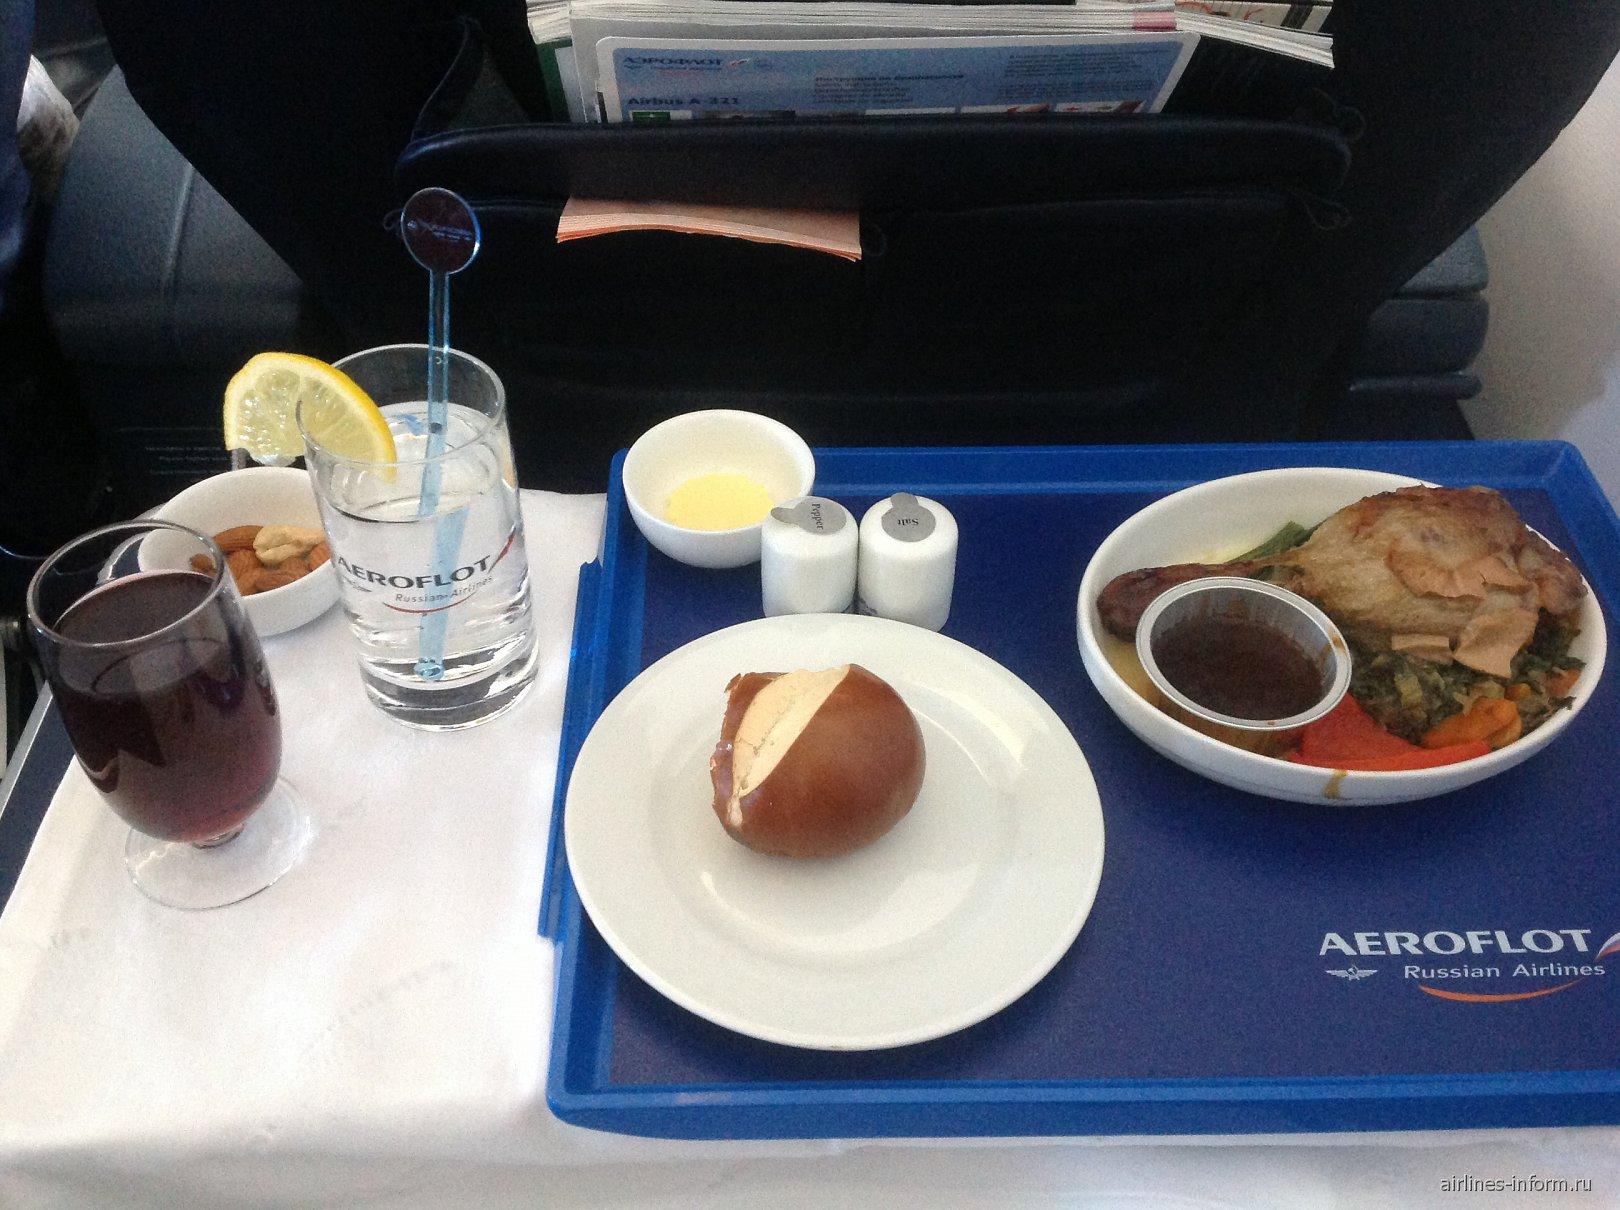 Питание в бизнес-классе Аэрофлота на рейсе Сочи-Москва